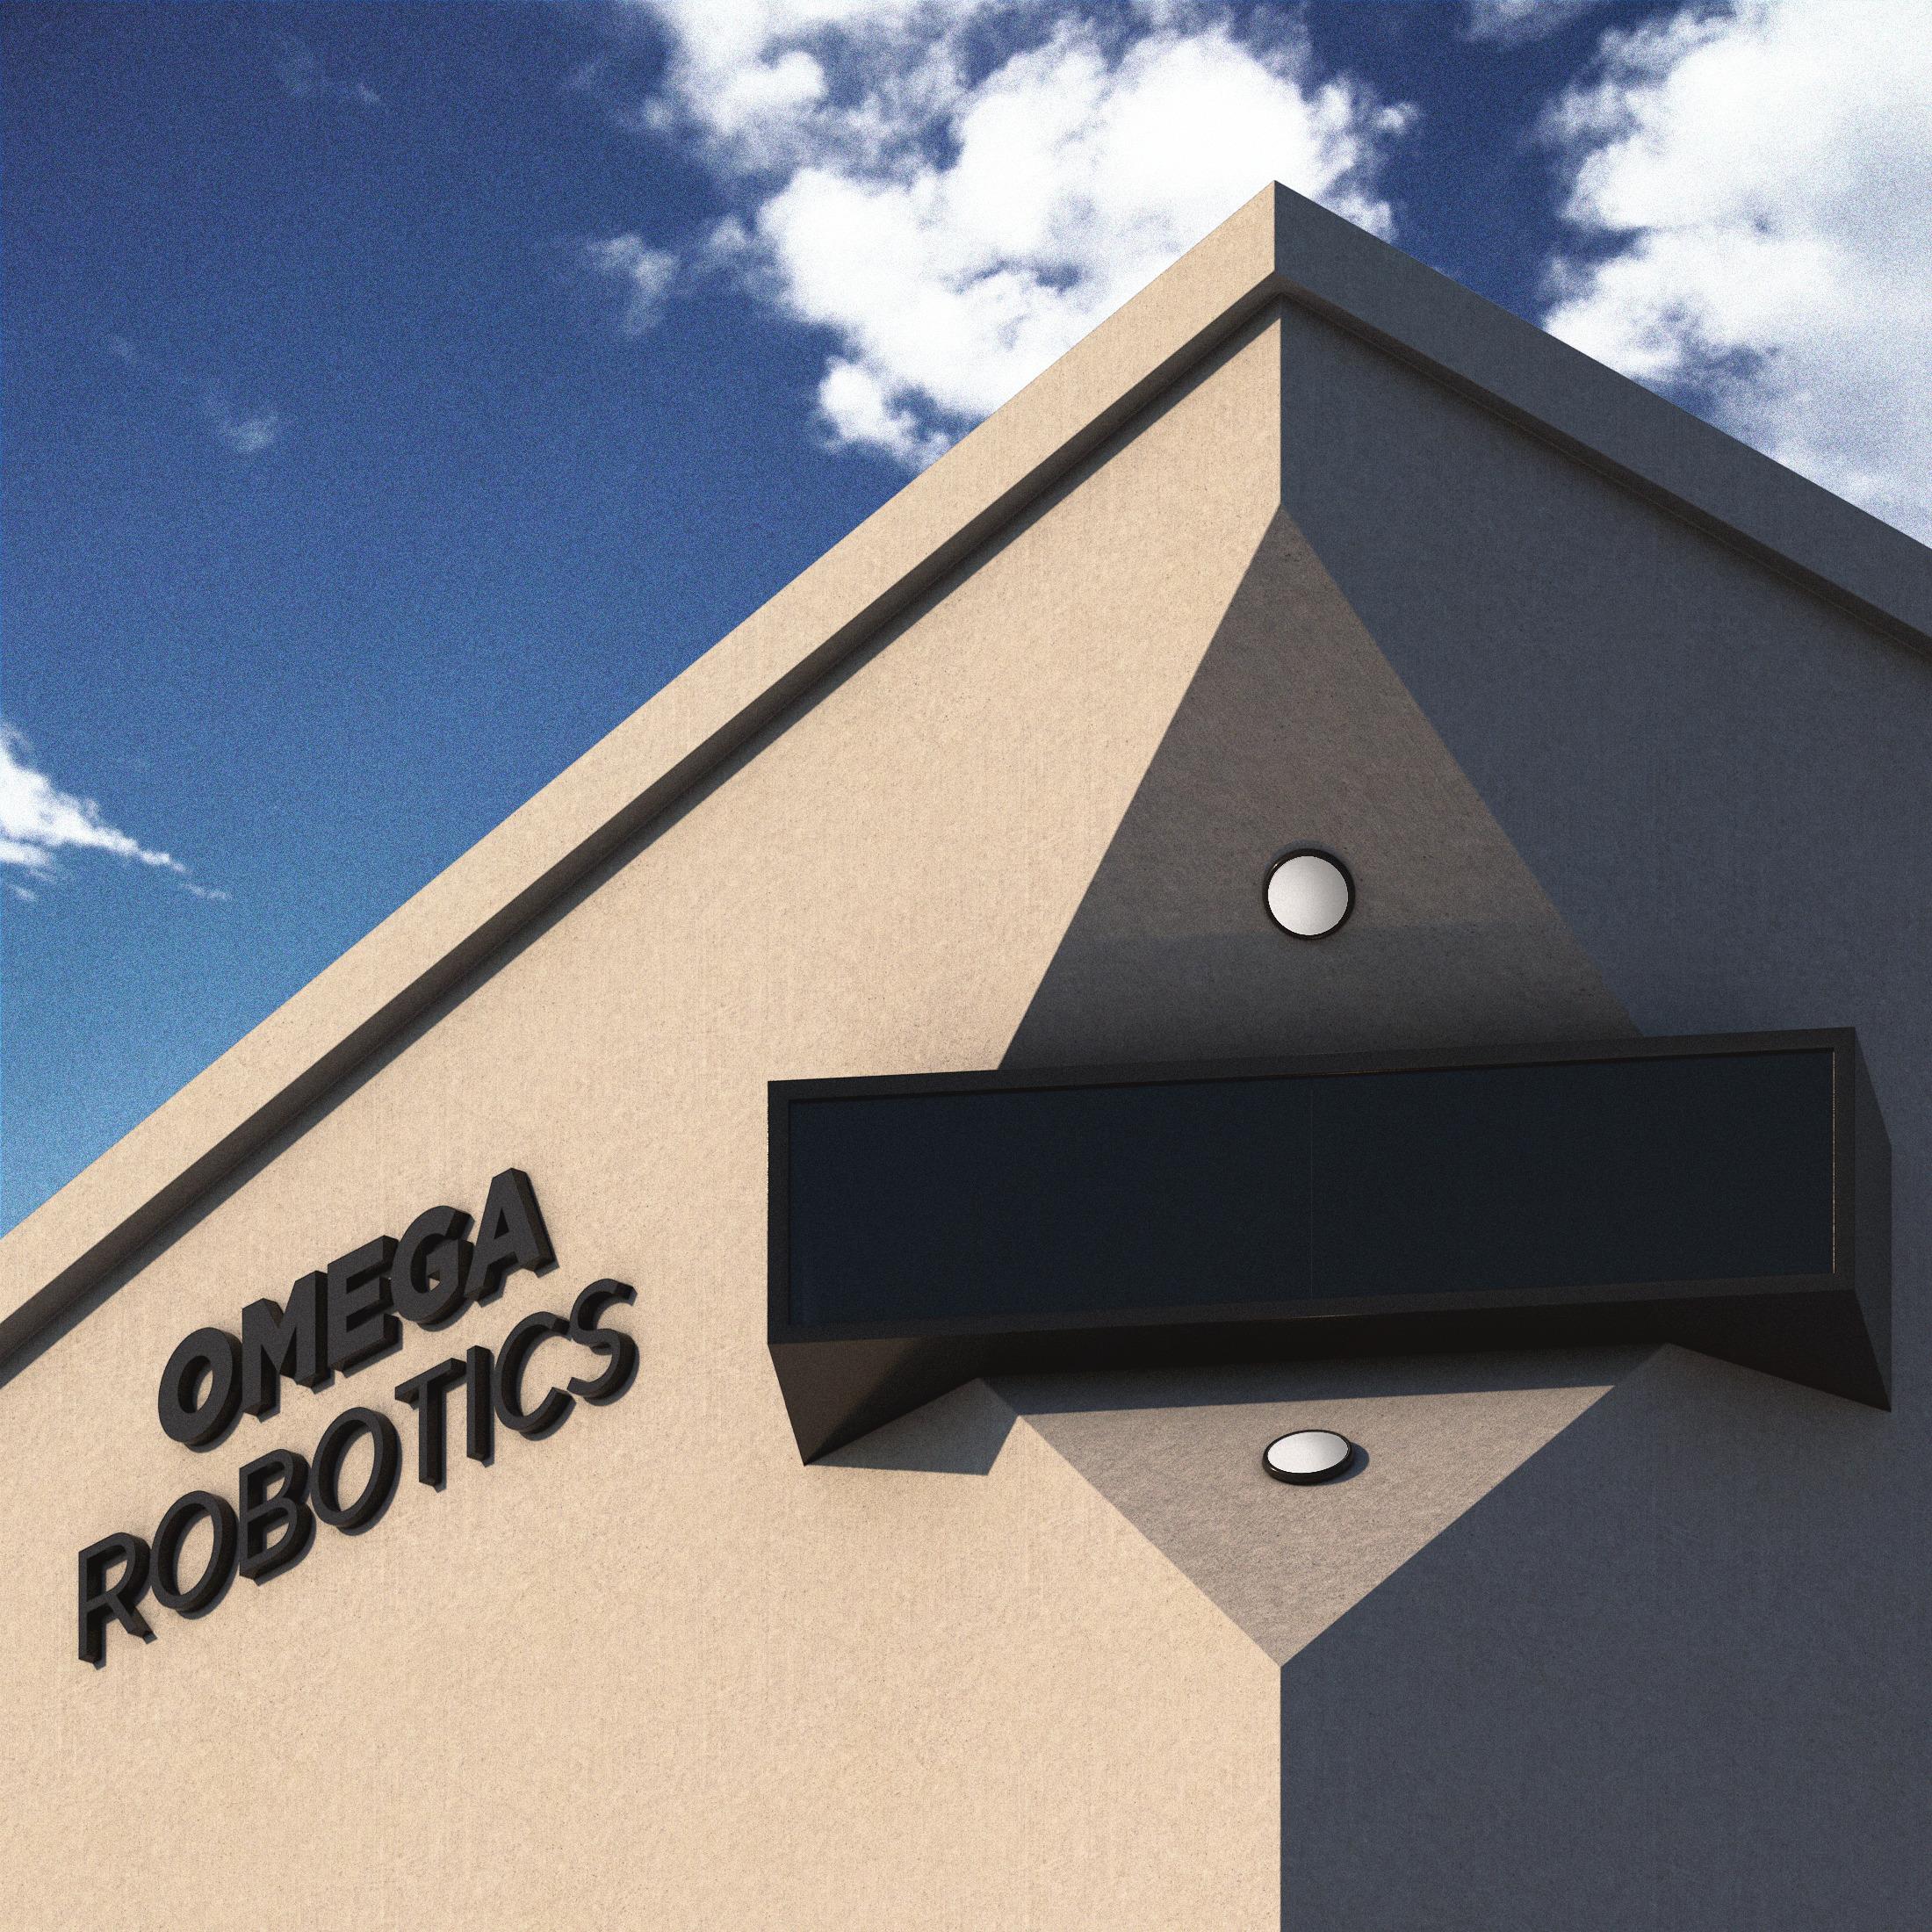 Robotics, serve future :robot - 3D - pask | ello